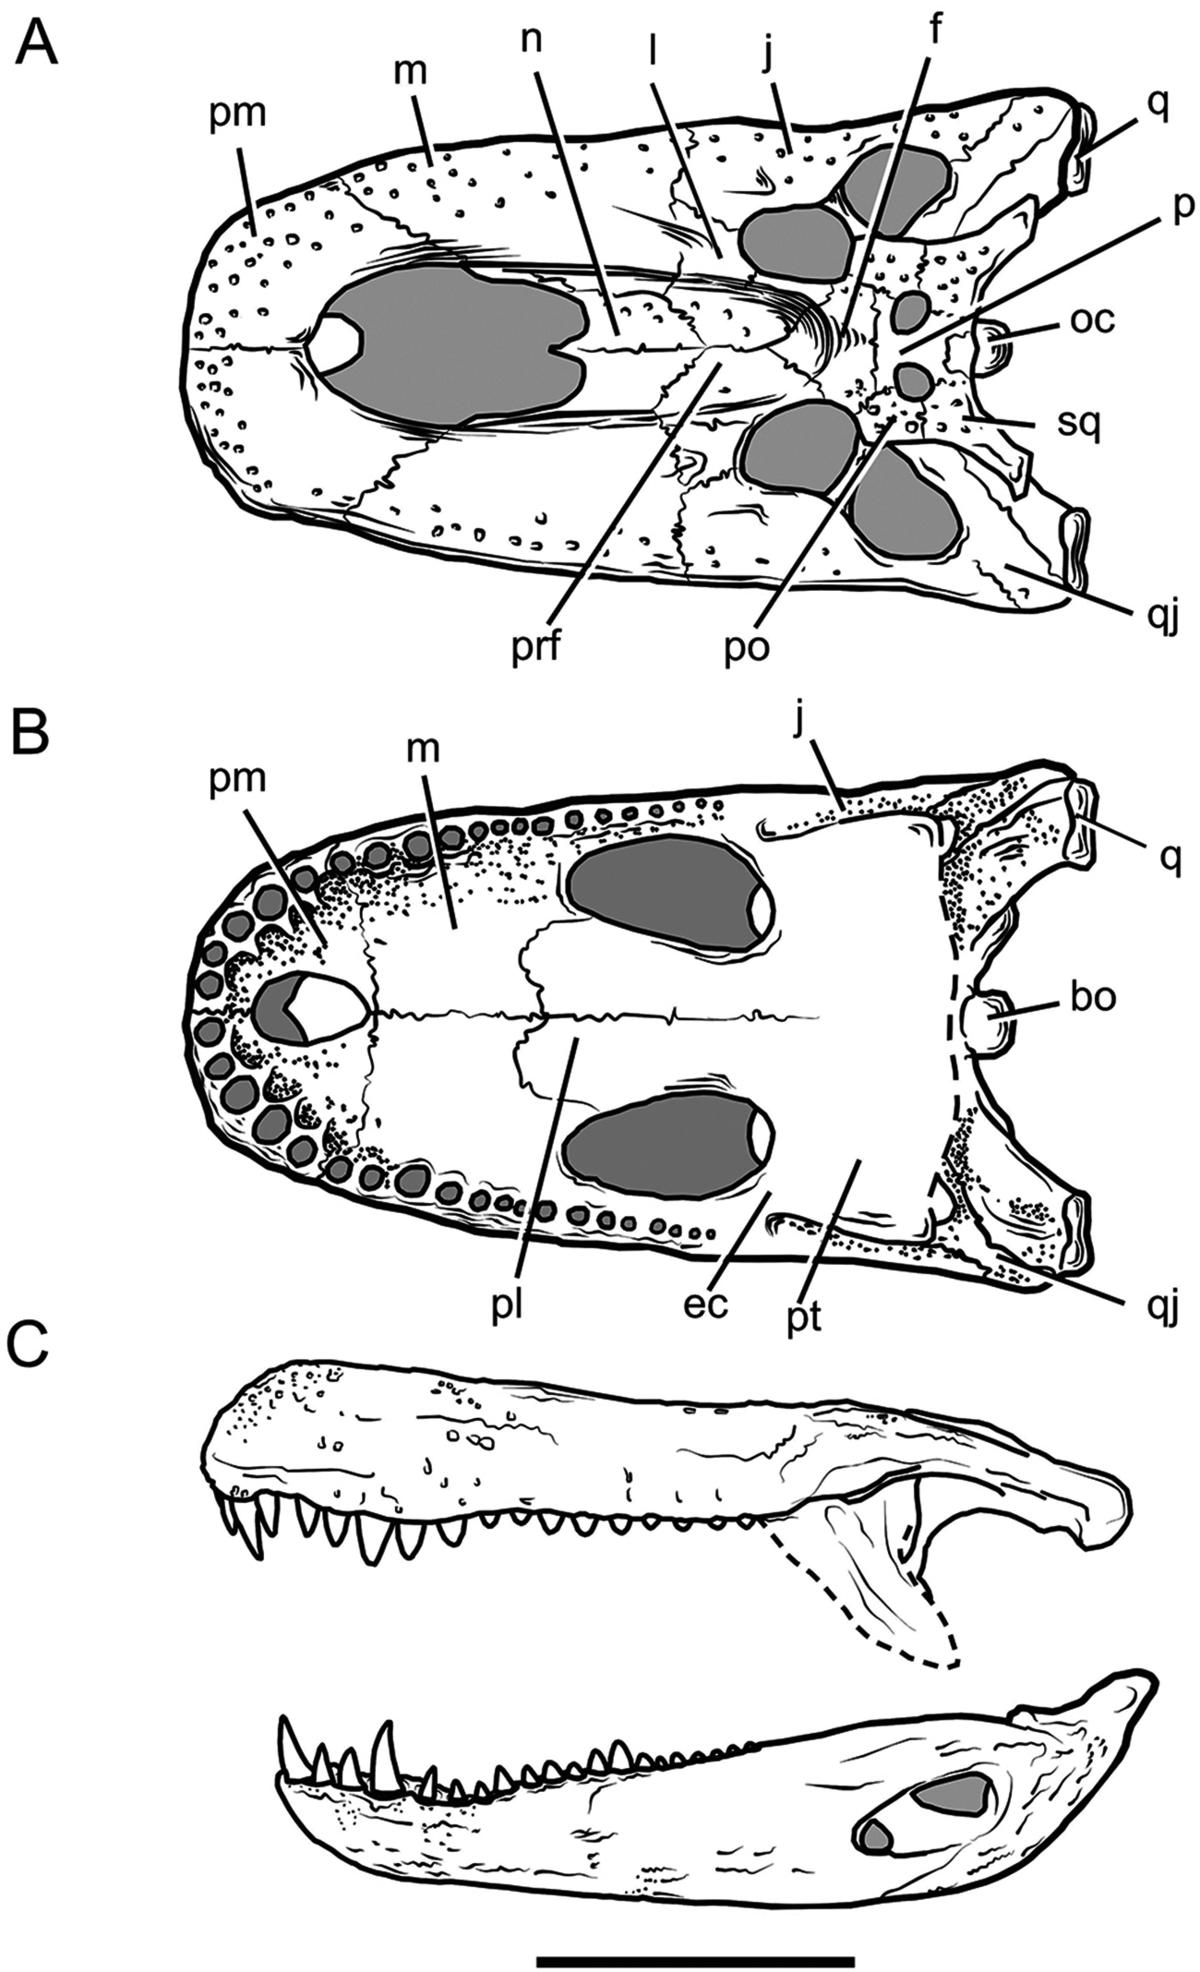 Purussaurus  Wikipedia